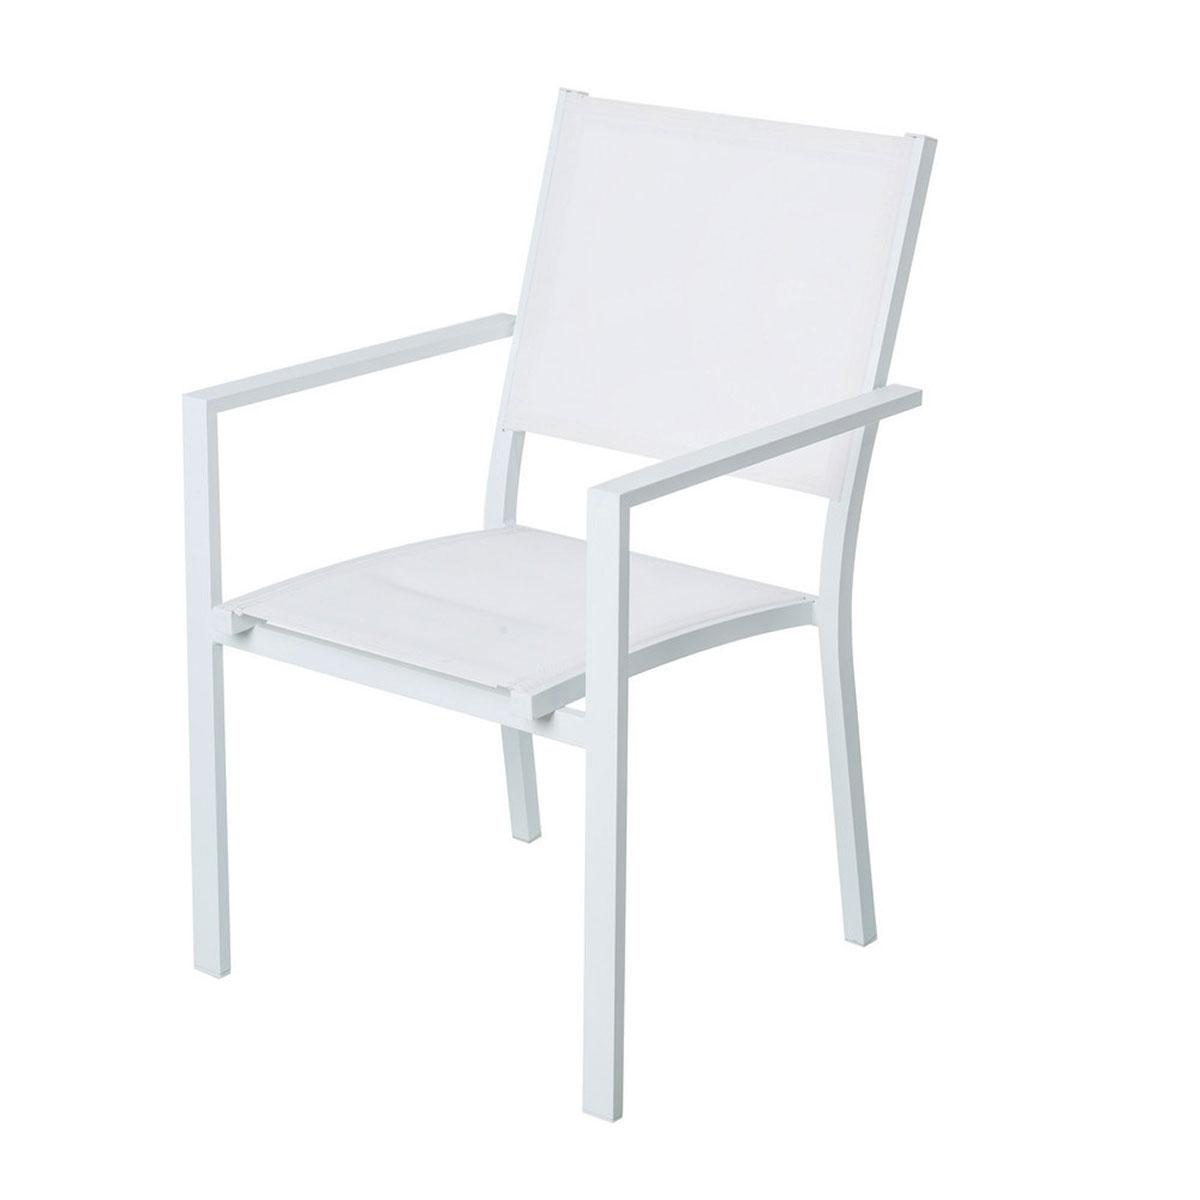 Lot de 4 chaises empilables en aluminium - Blanc - 55.00 cm x 58.00 cm x 85.00 cm